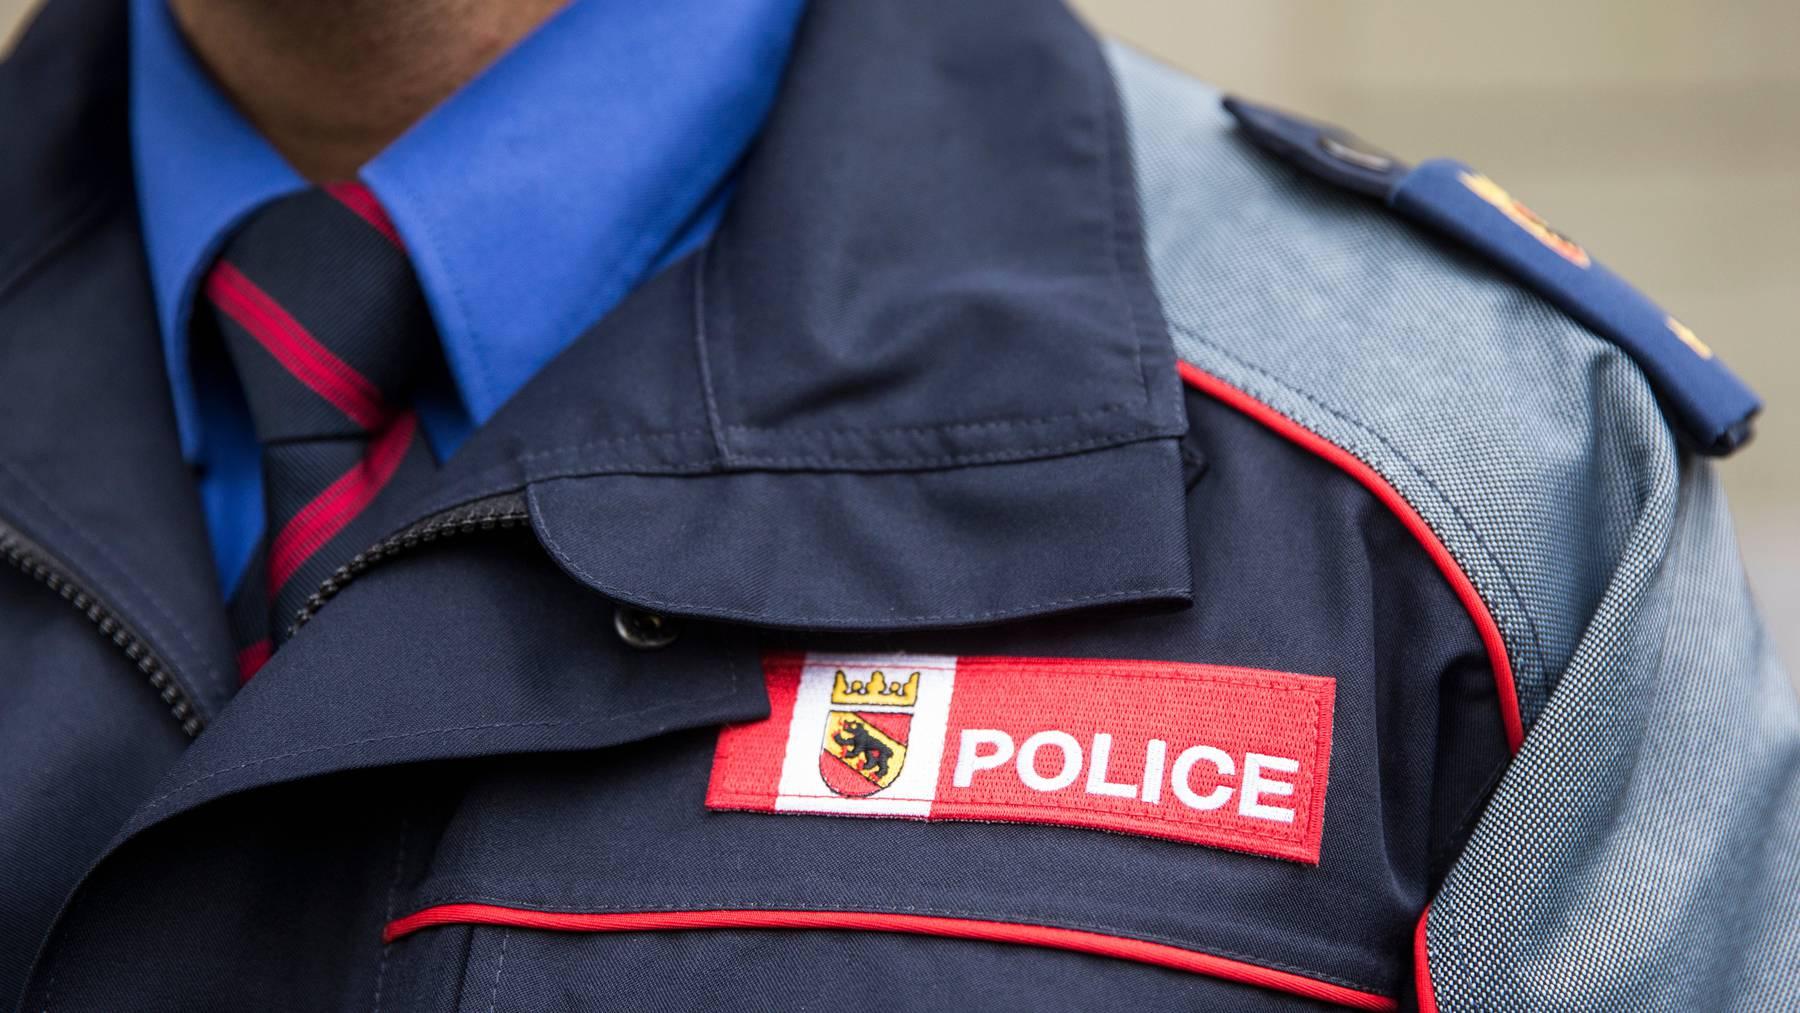 Die Kantonspolizei Bern hat Ermittlungen aufgenommen und bittet um sachdienliche Hinweise. (Symbolbild)